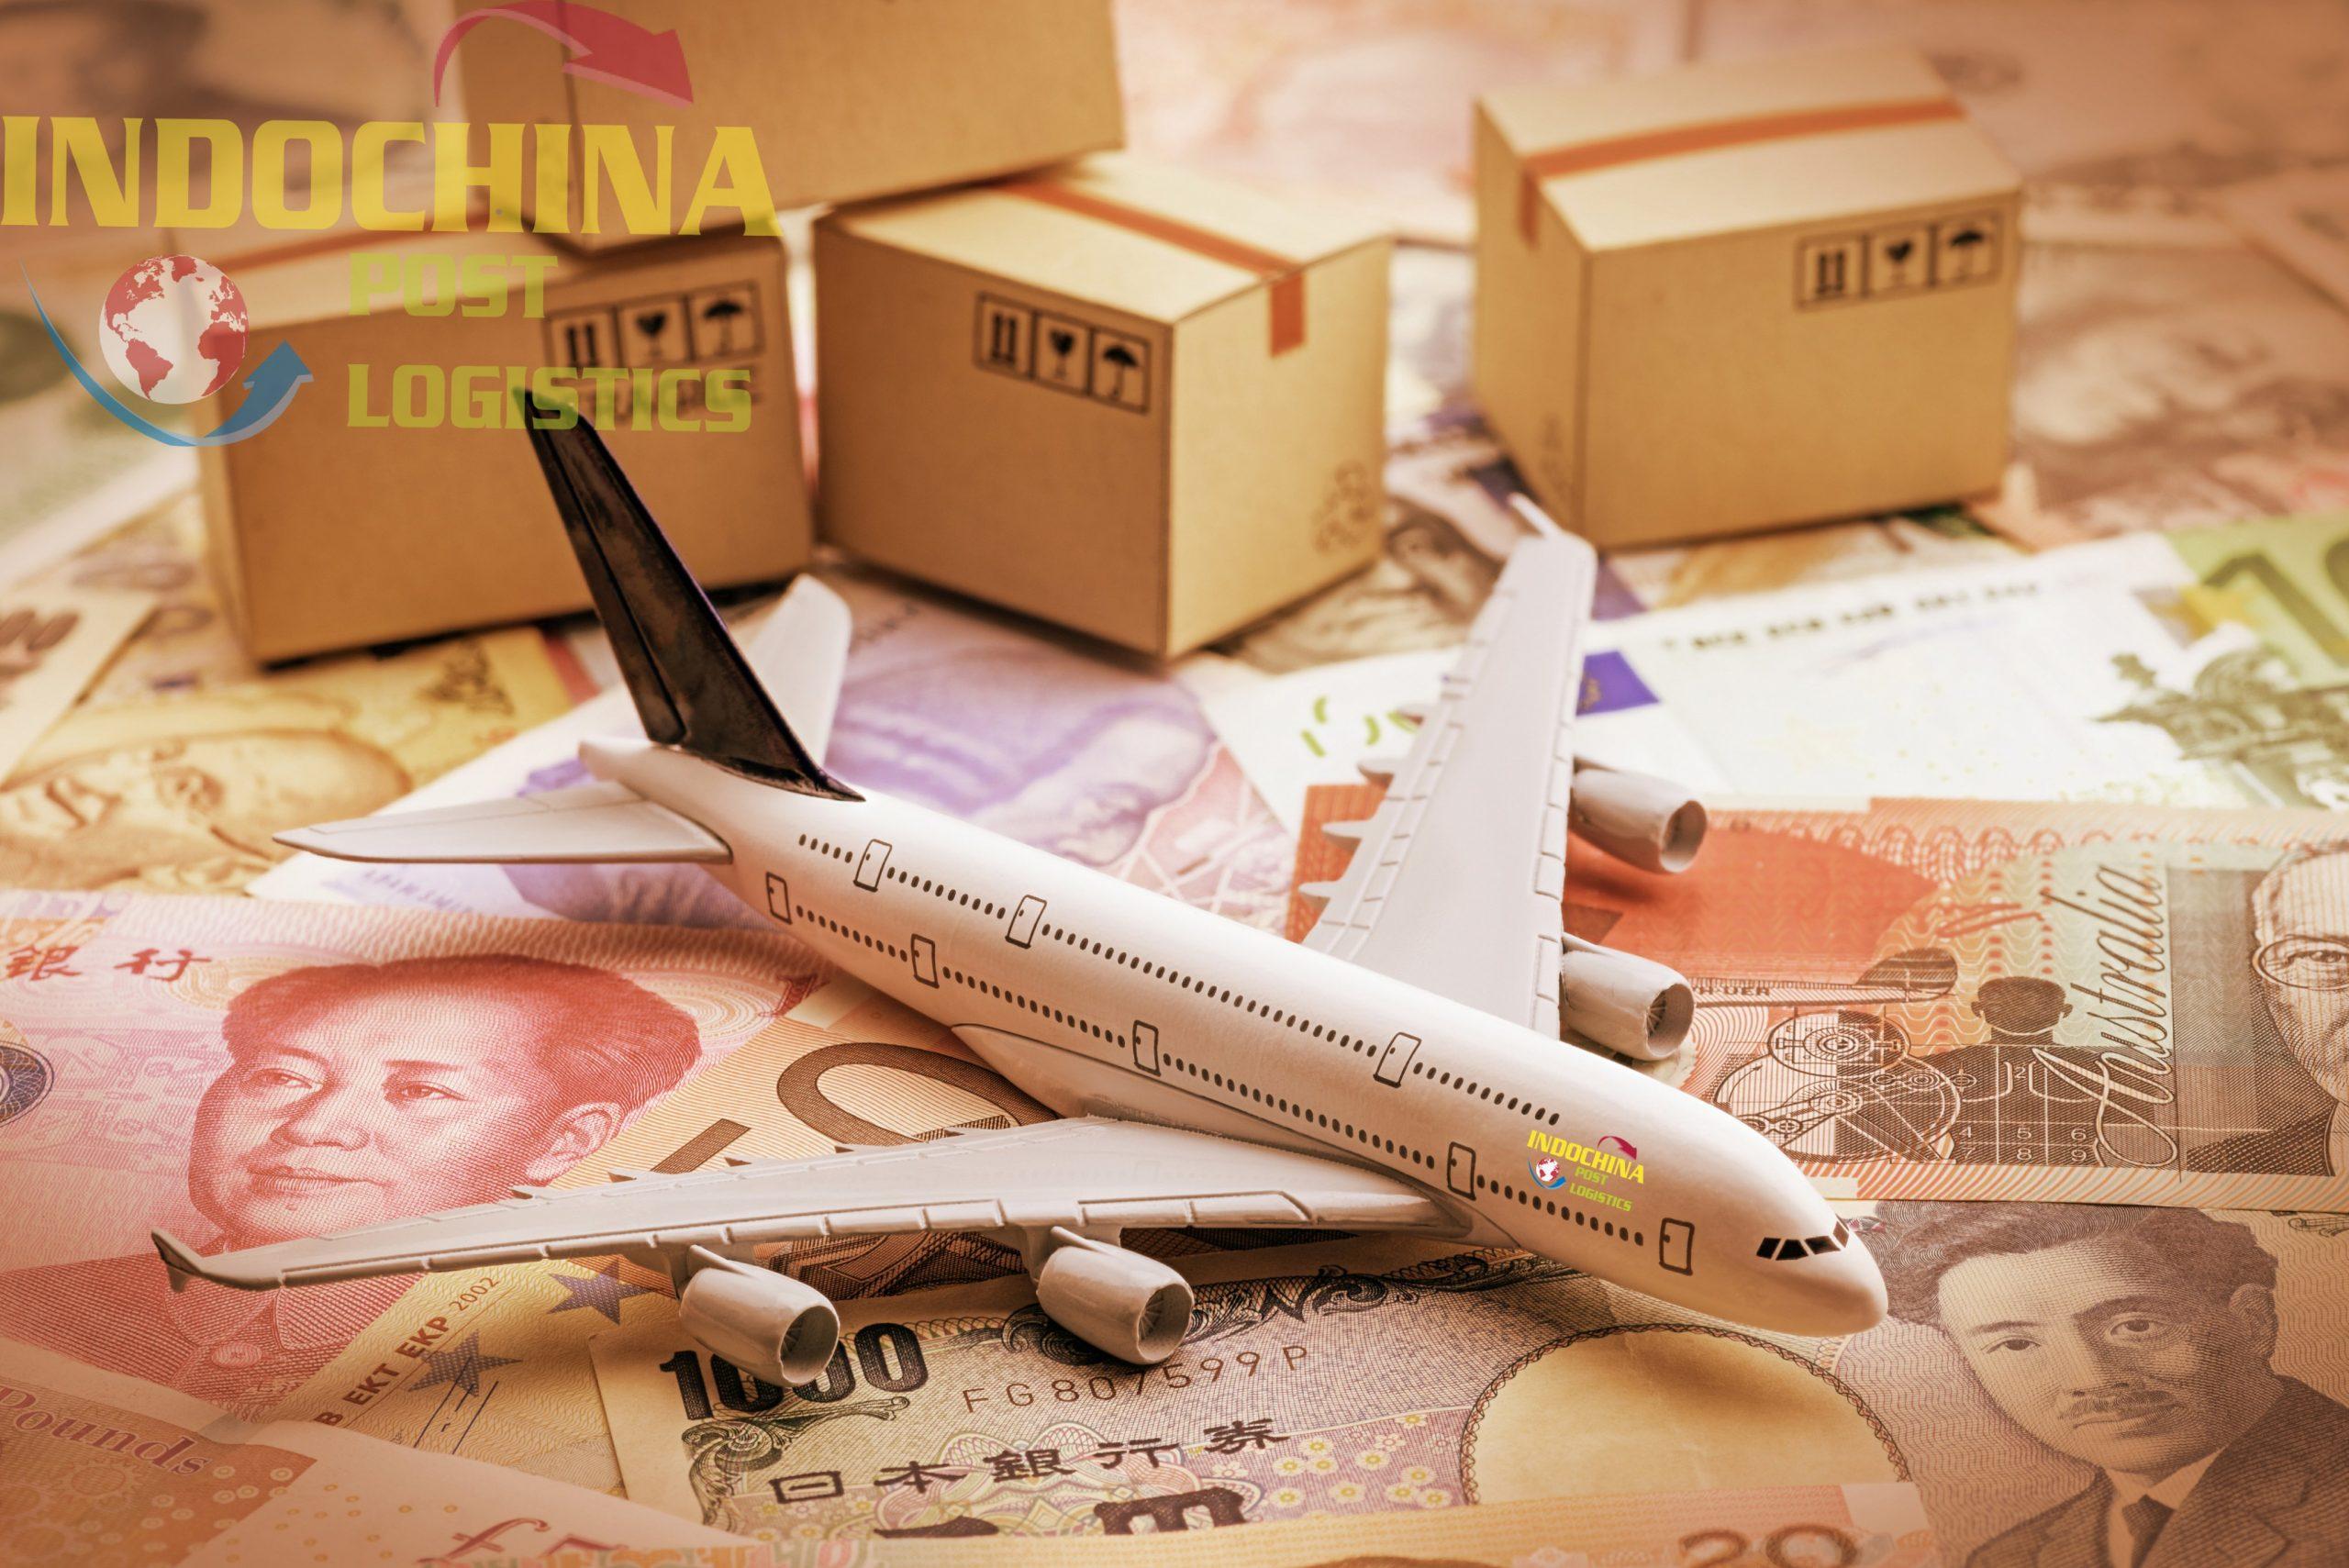 Hàng hóa chuyển phát nhanh tại Vietship